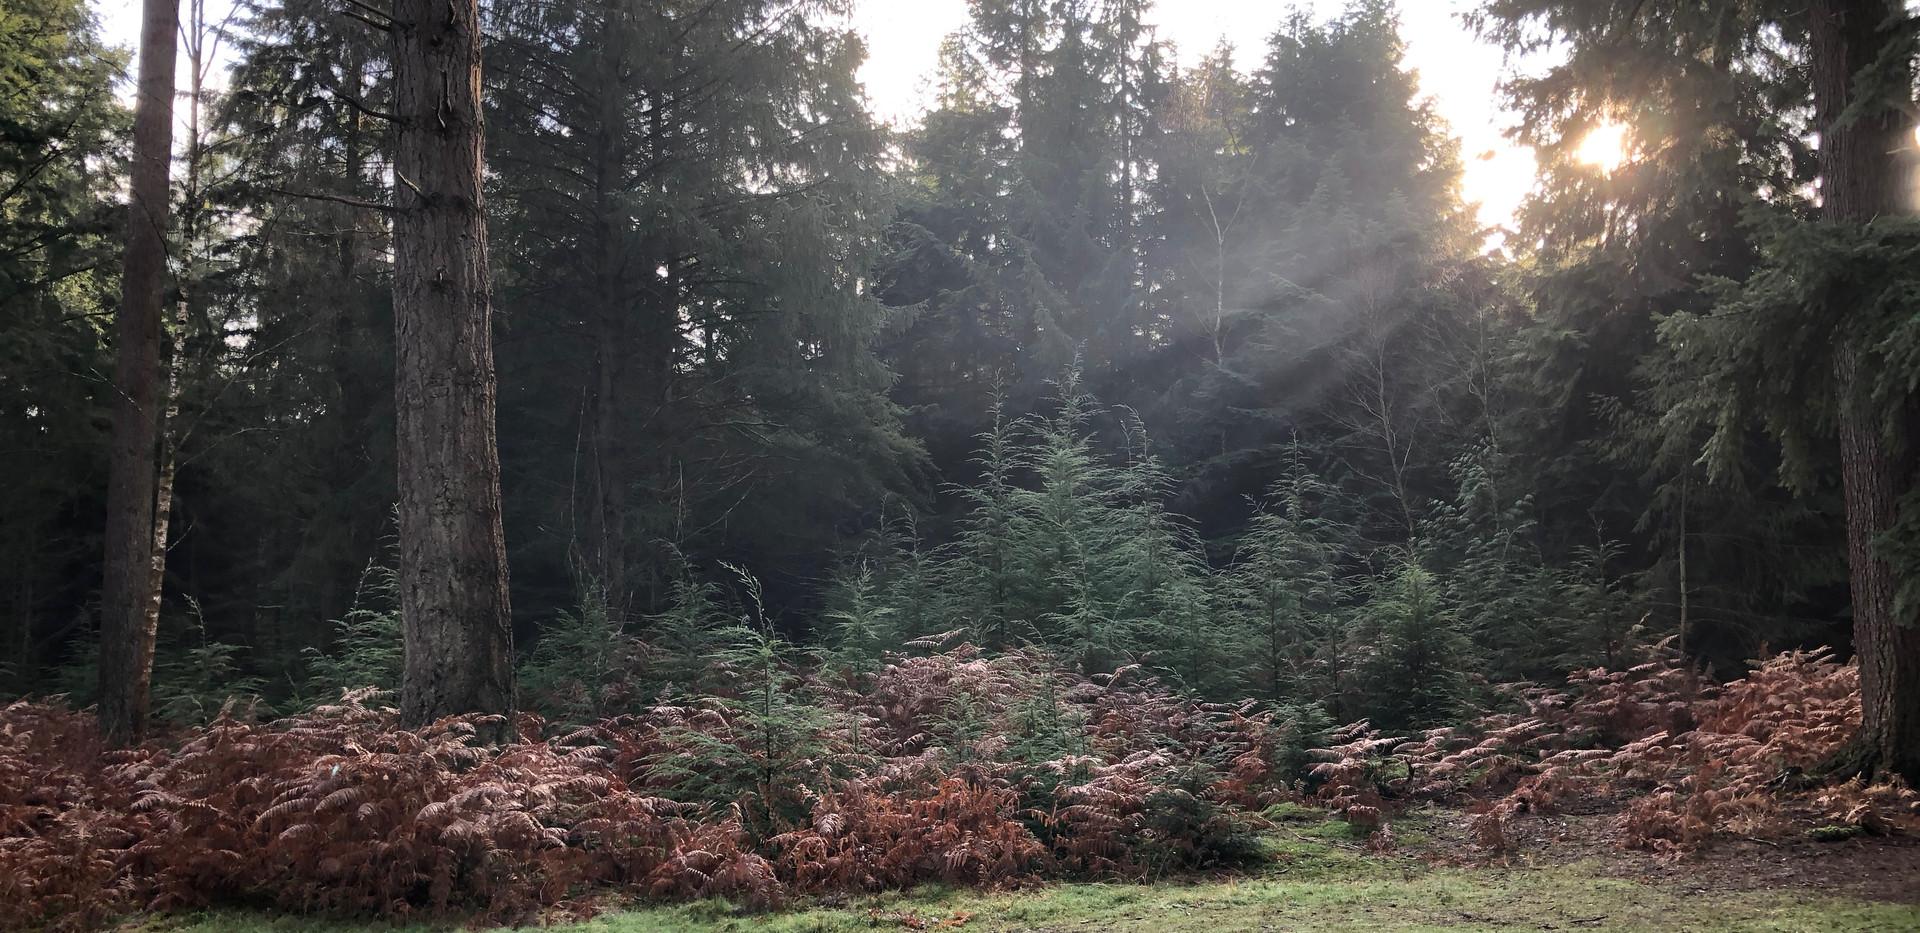 Wilverley woods